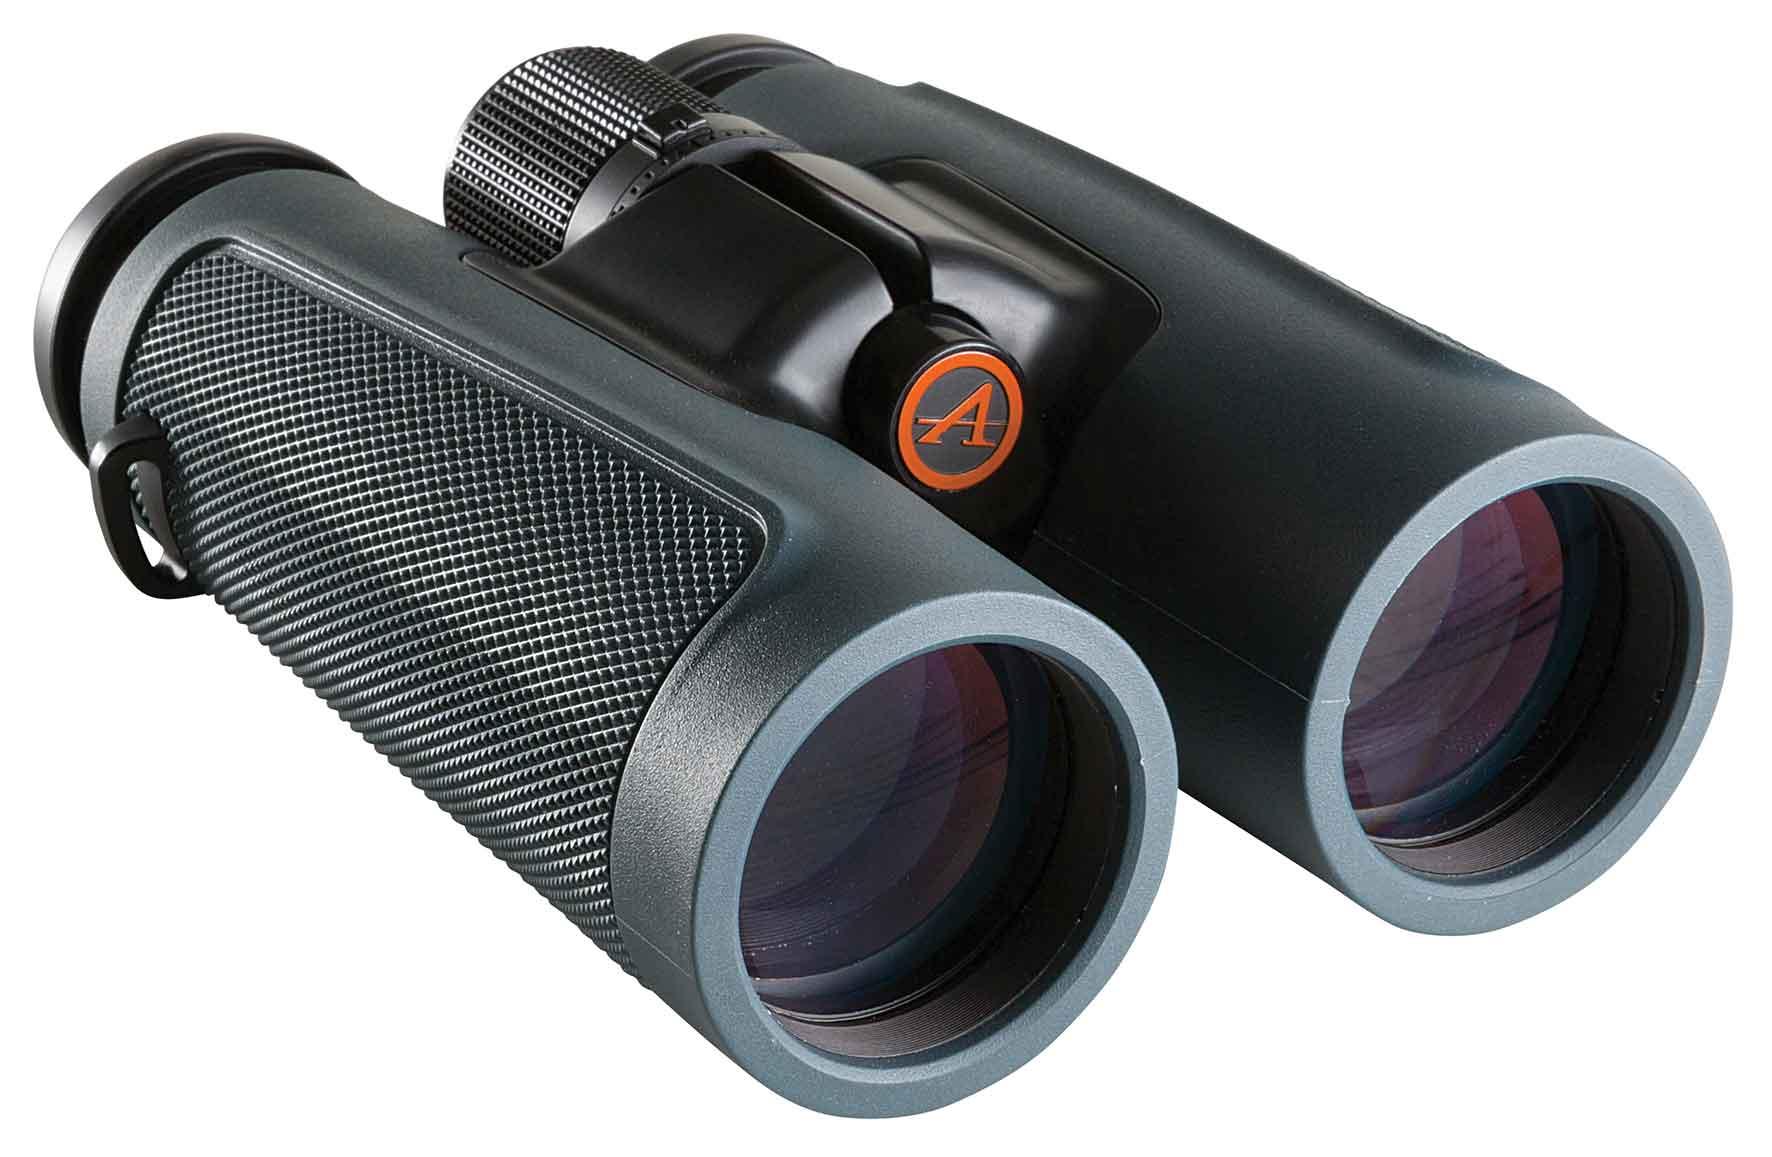 athlon cronus binocular